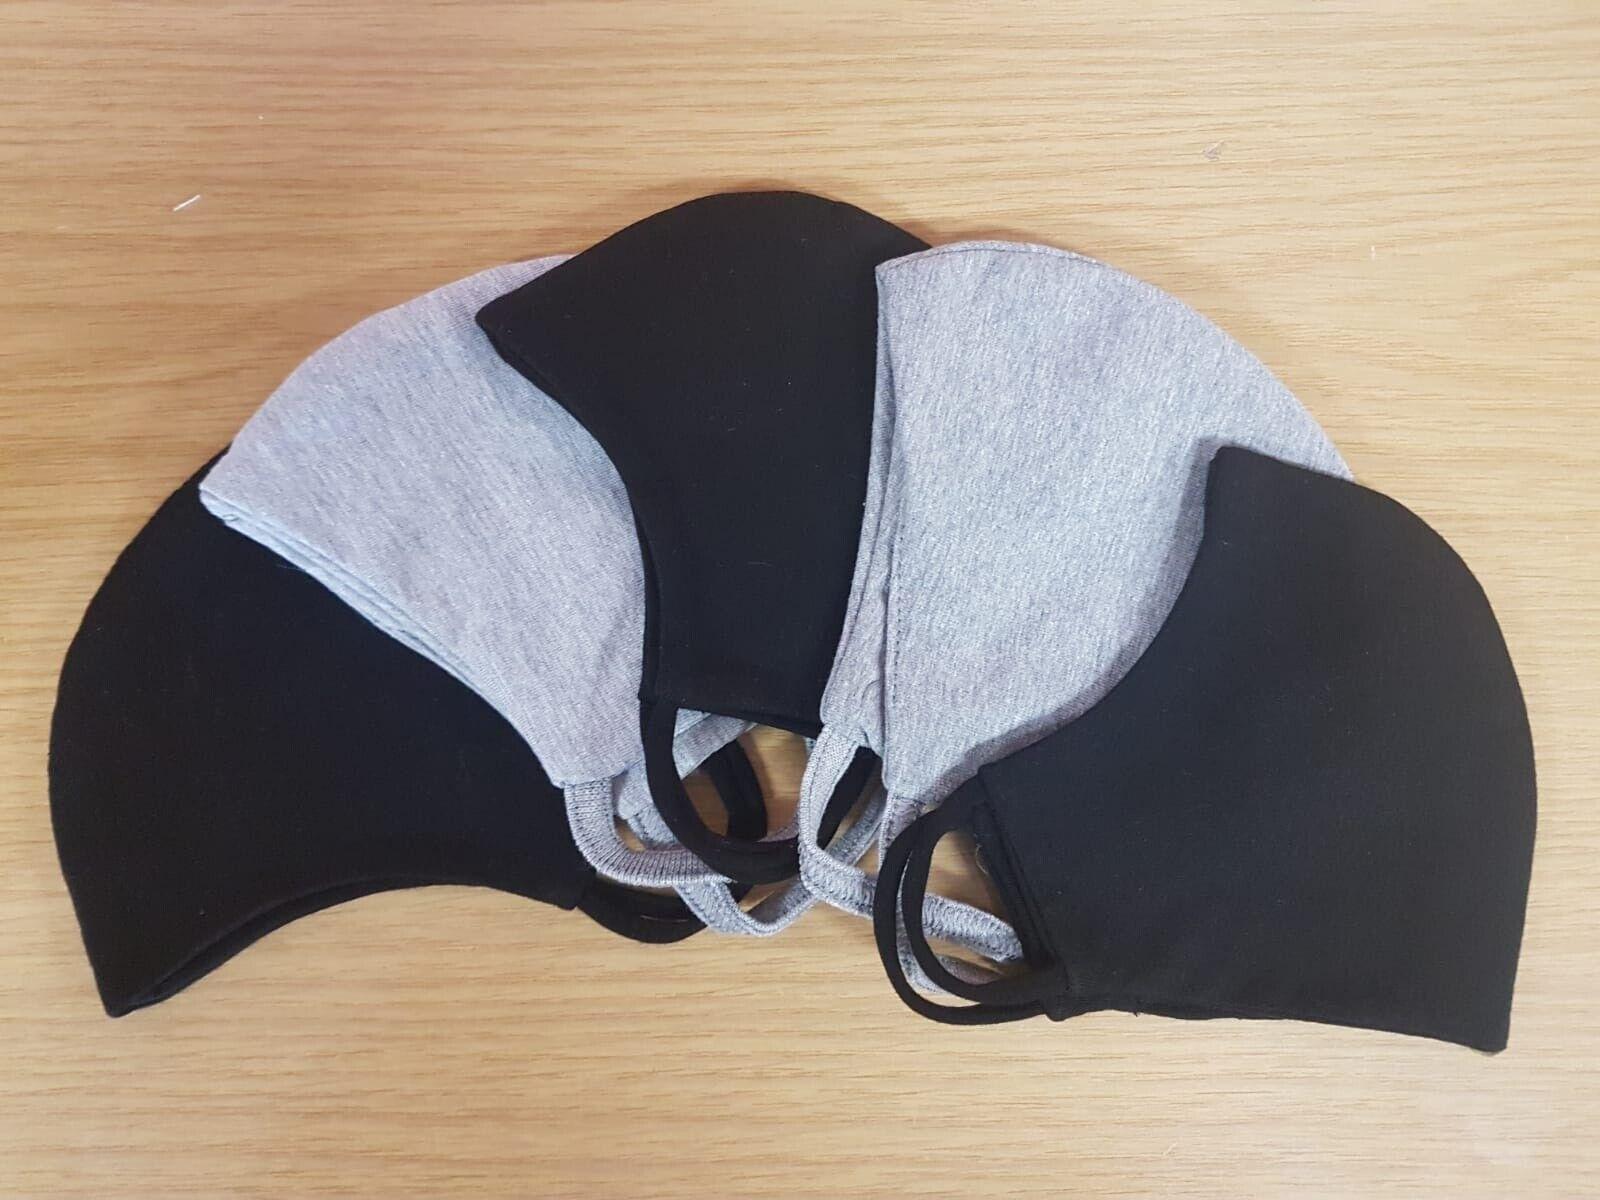 Stoffmaske (5 Stk. farbig sortiert) waschbar 60 °Mundschutz 100 %Baumwolle Maske